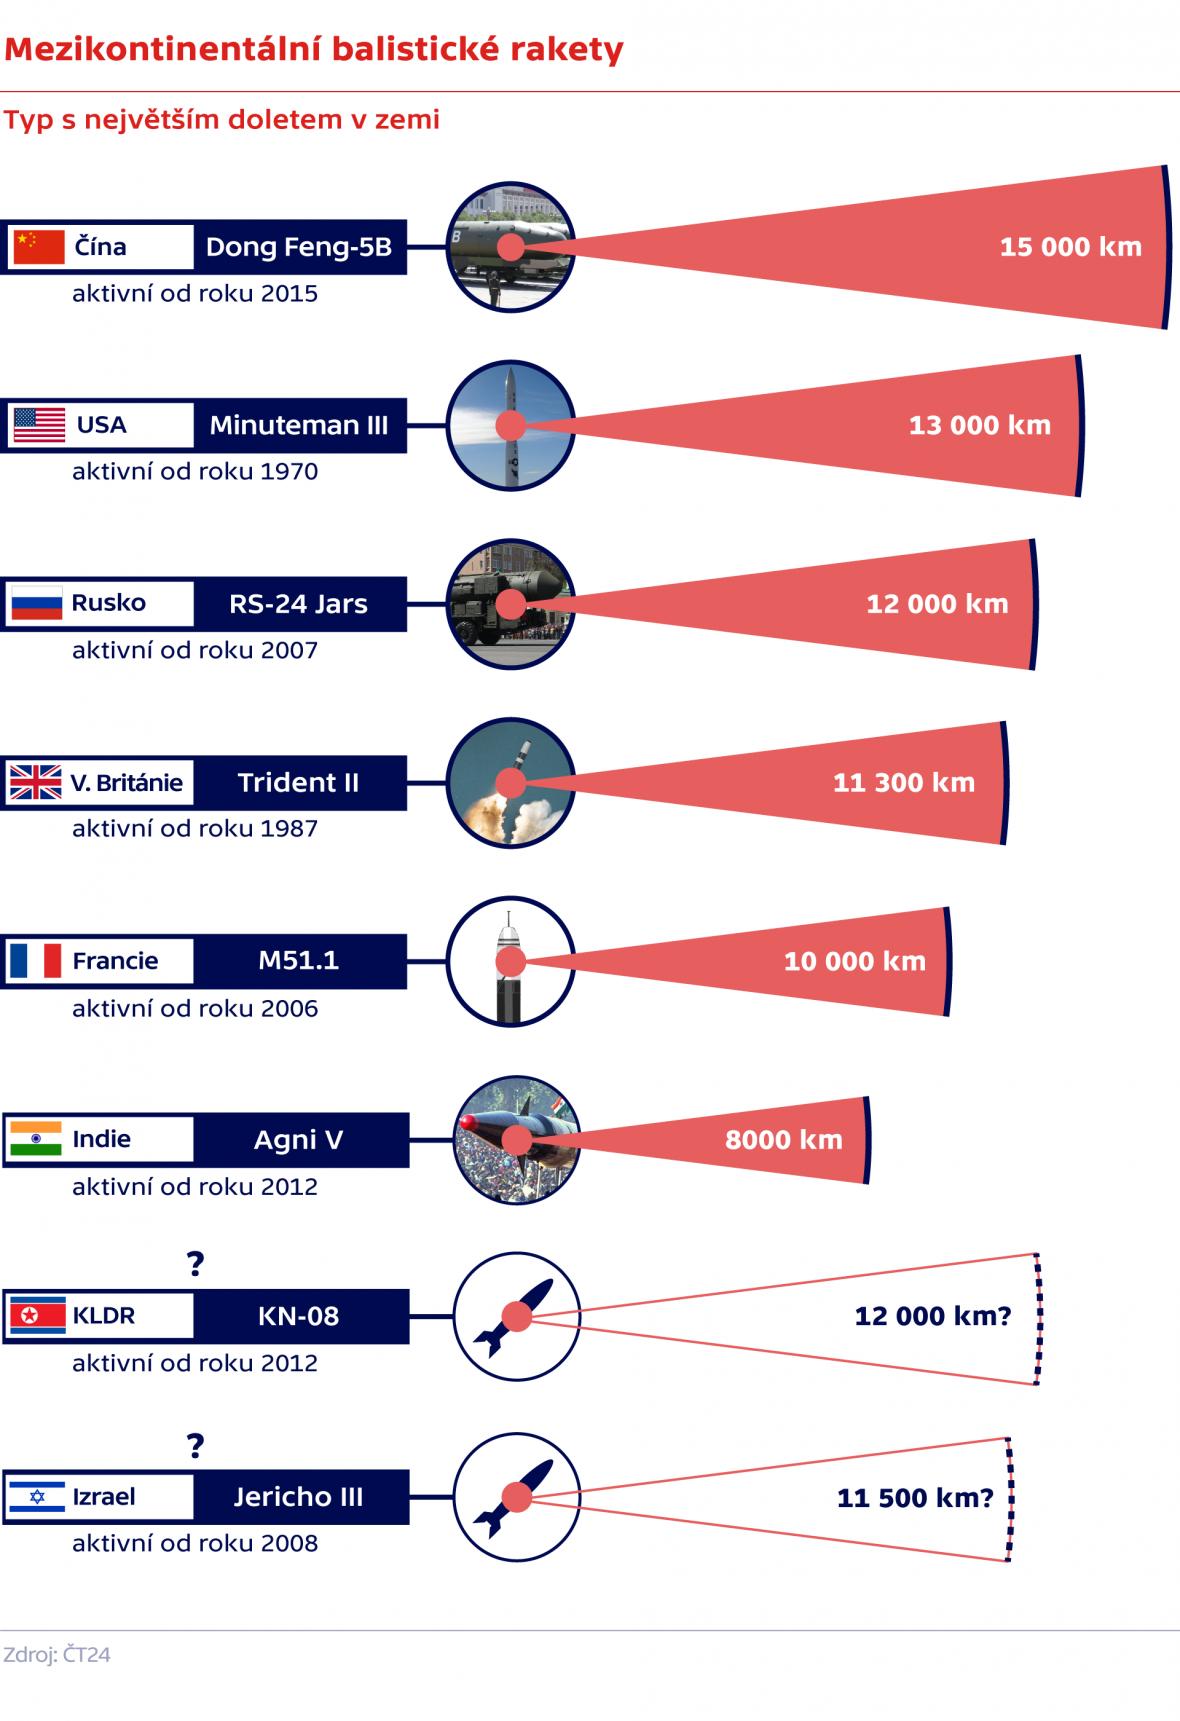 Mezikontinentální balistické rakety